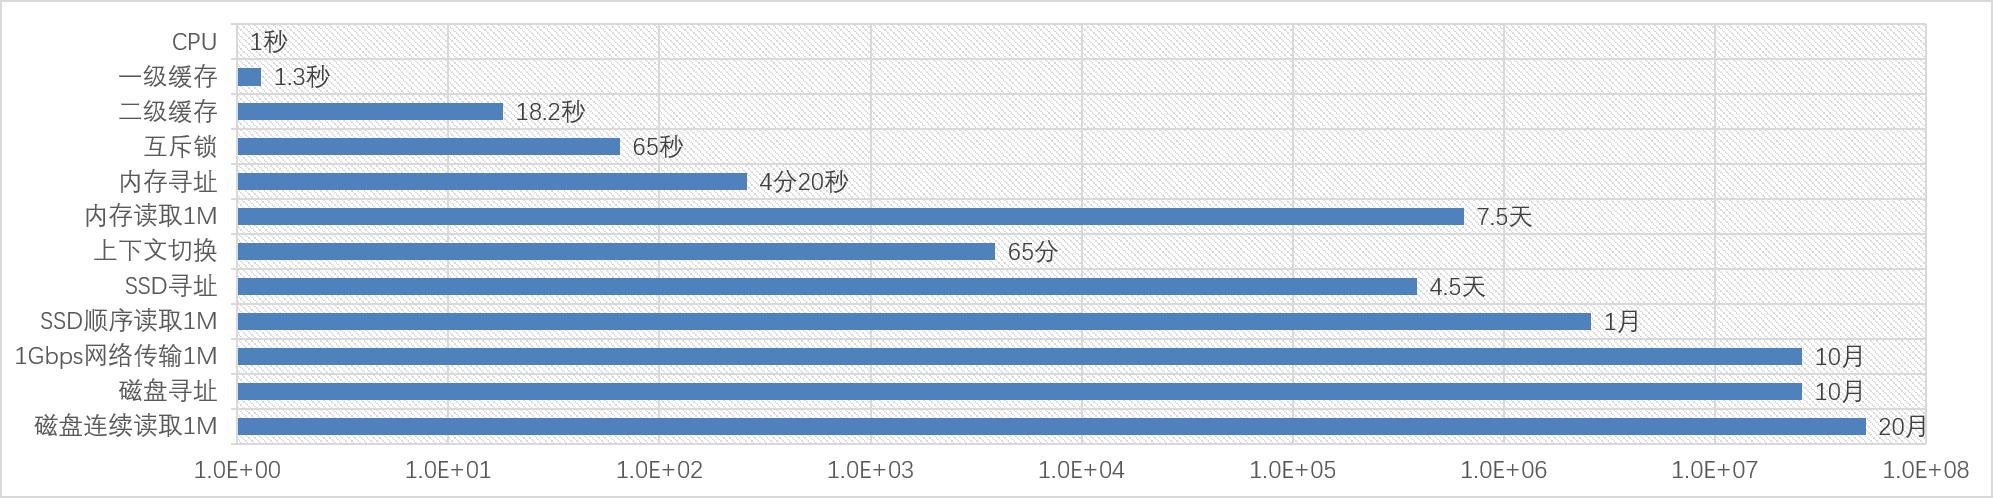 CPU眼中的时间(对数级)